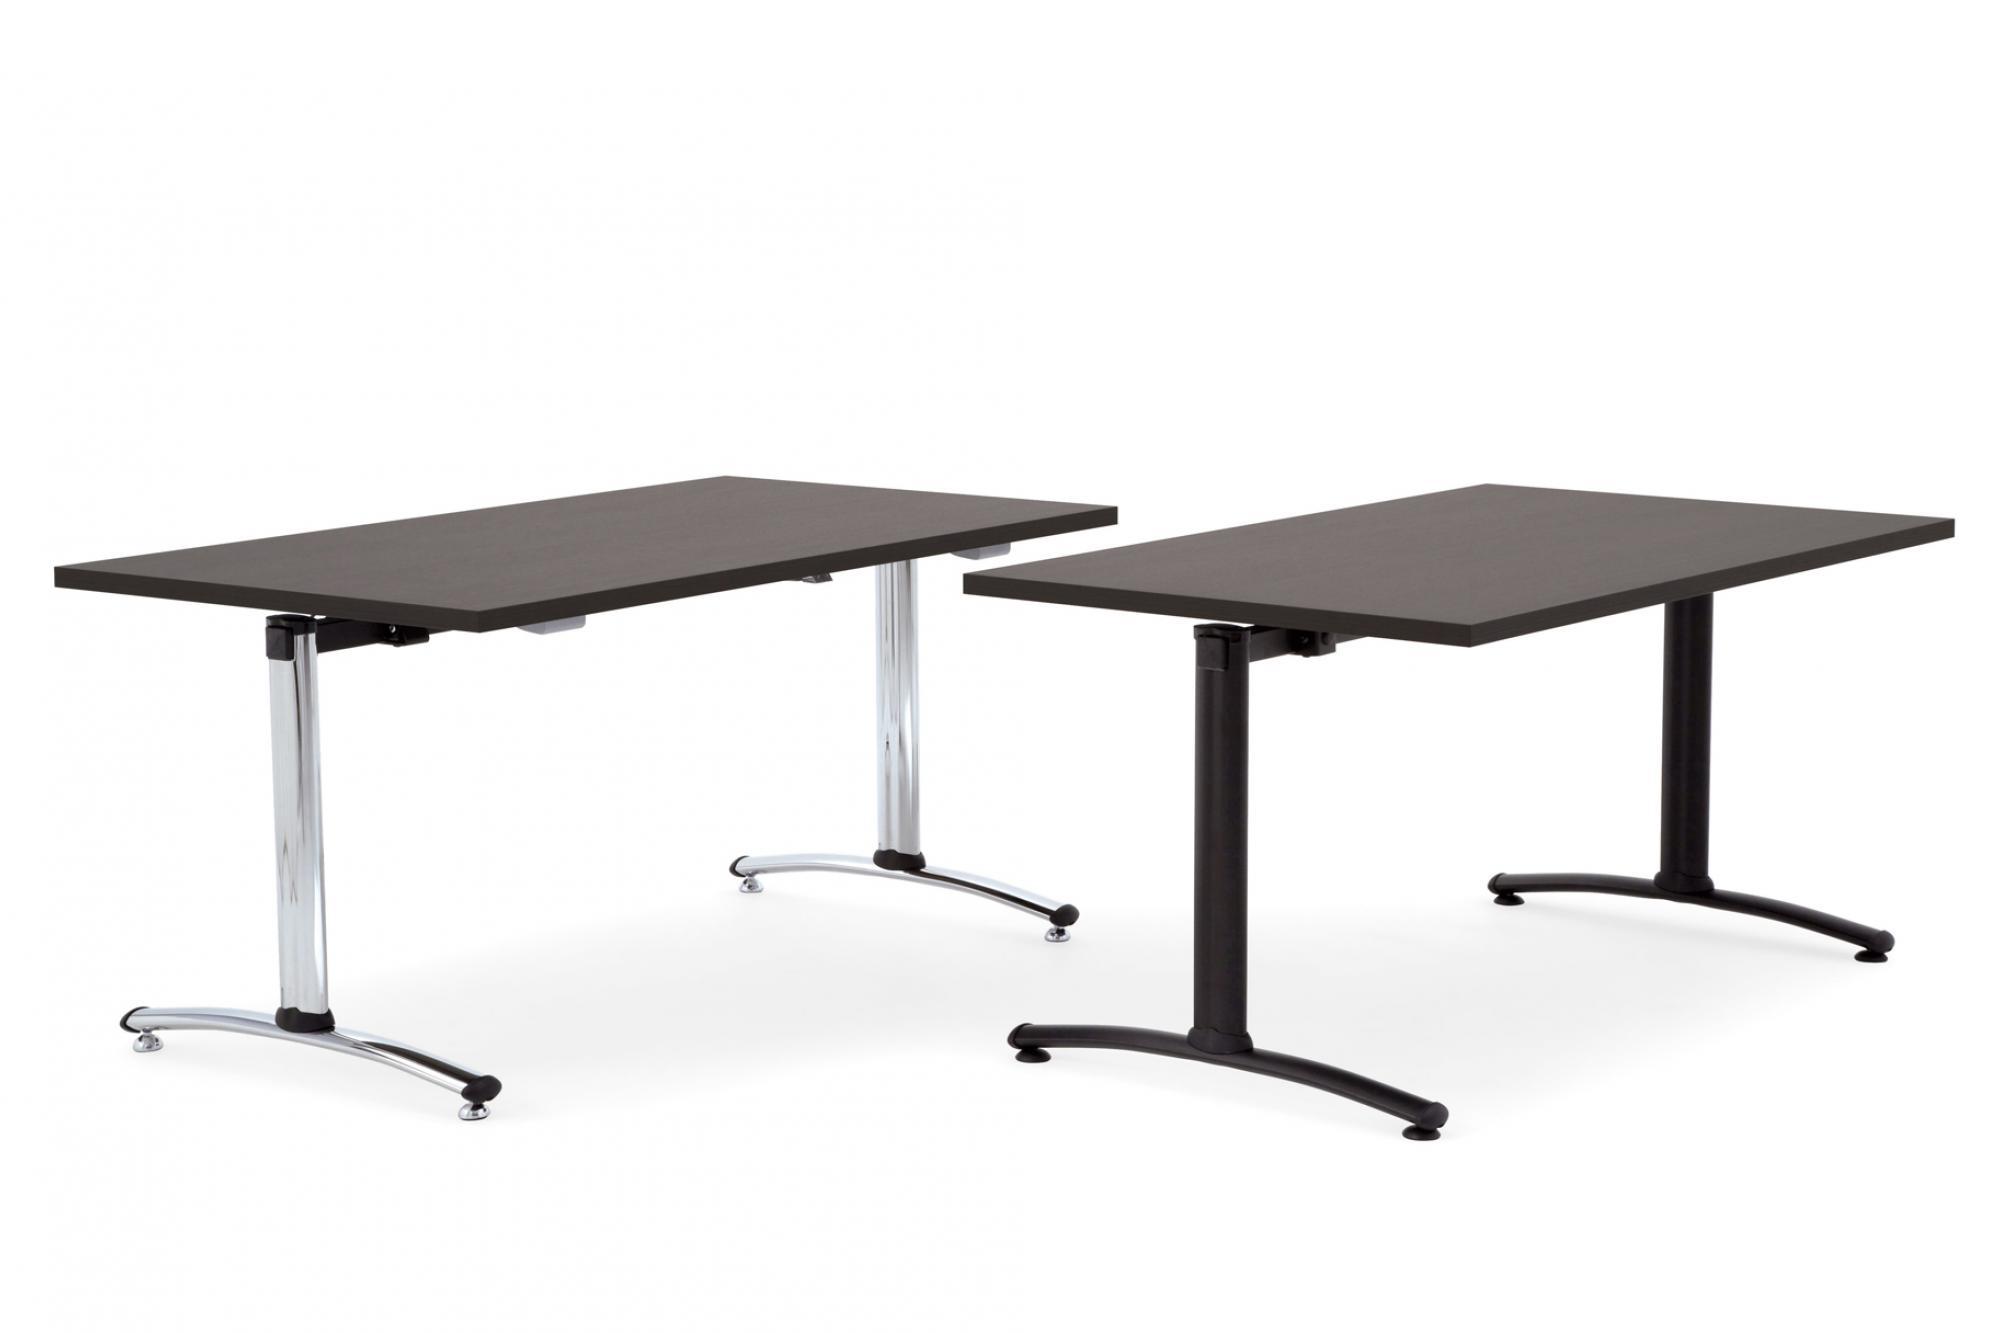 Tavoli prodotti for Produttori tavoli